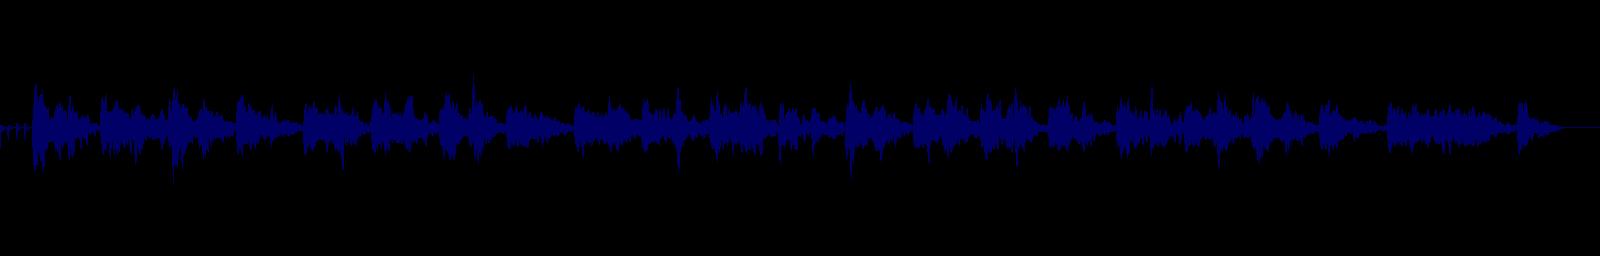 waveform of track #145098